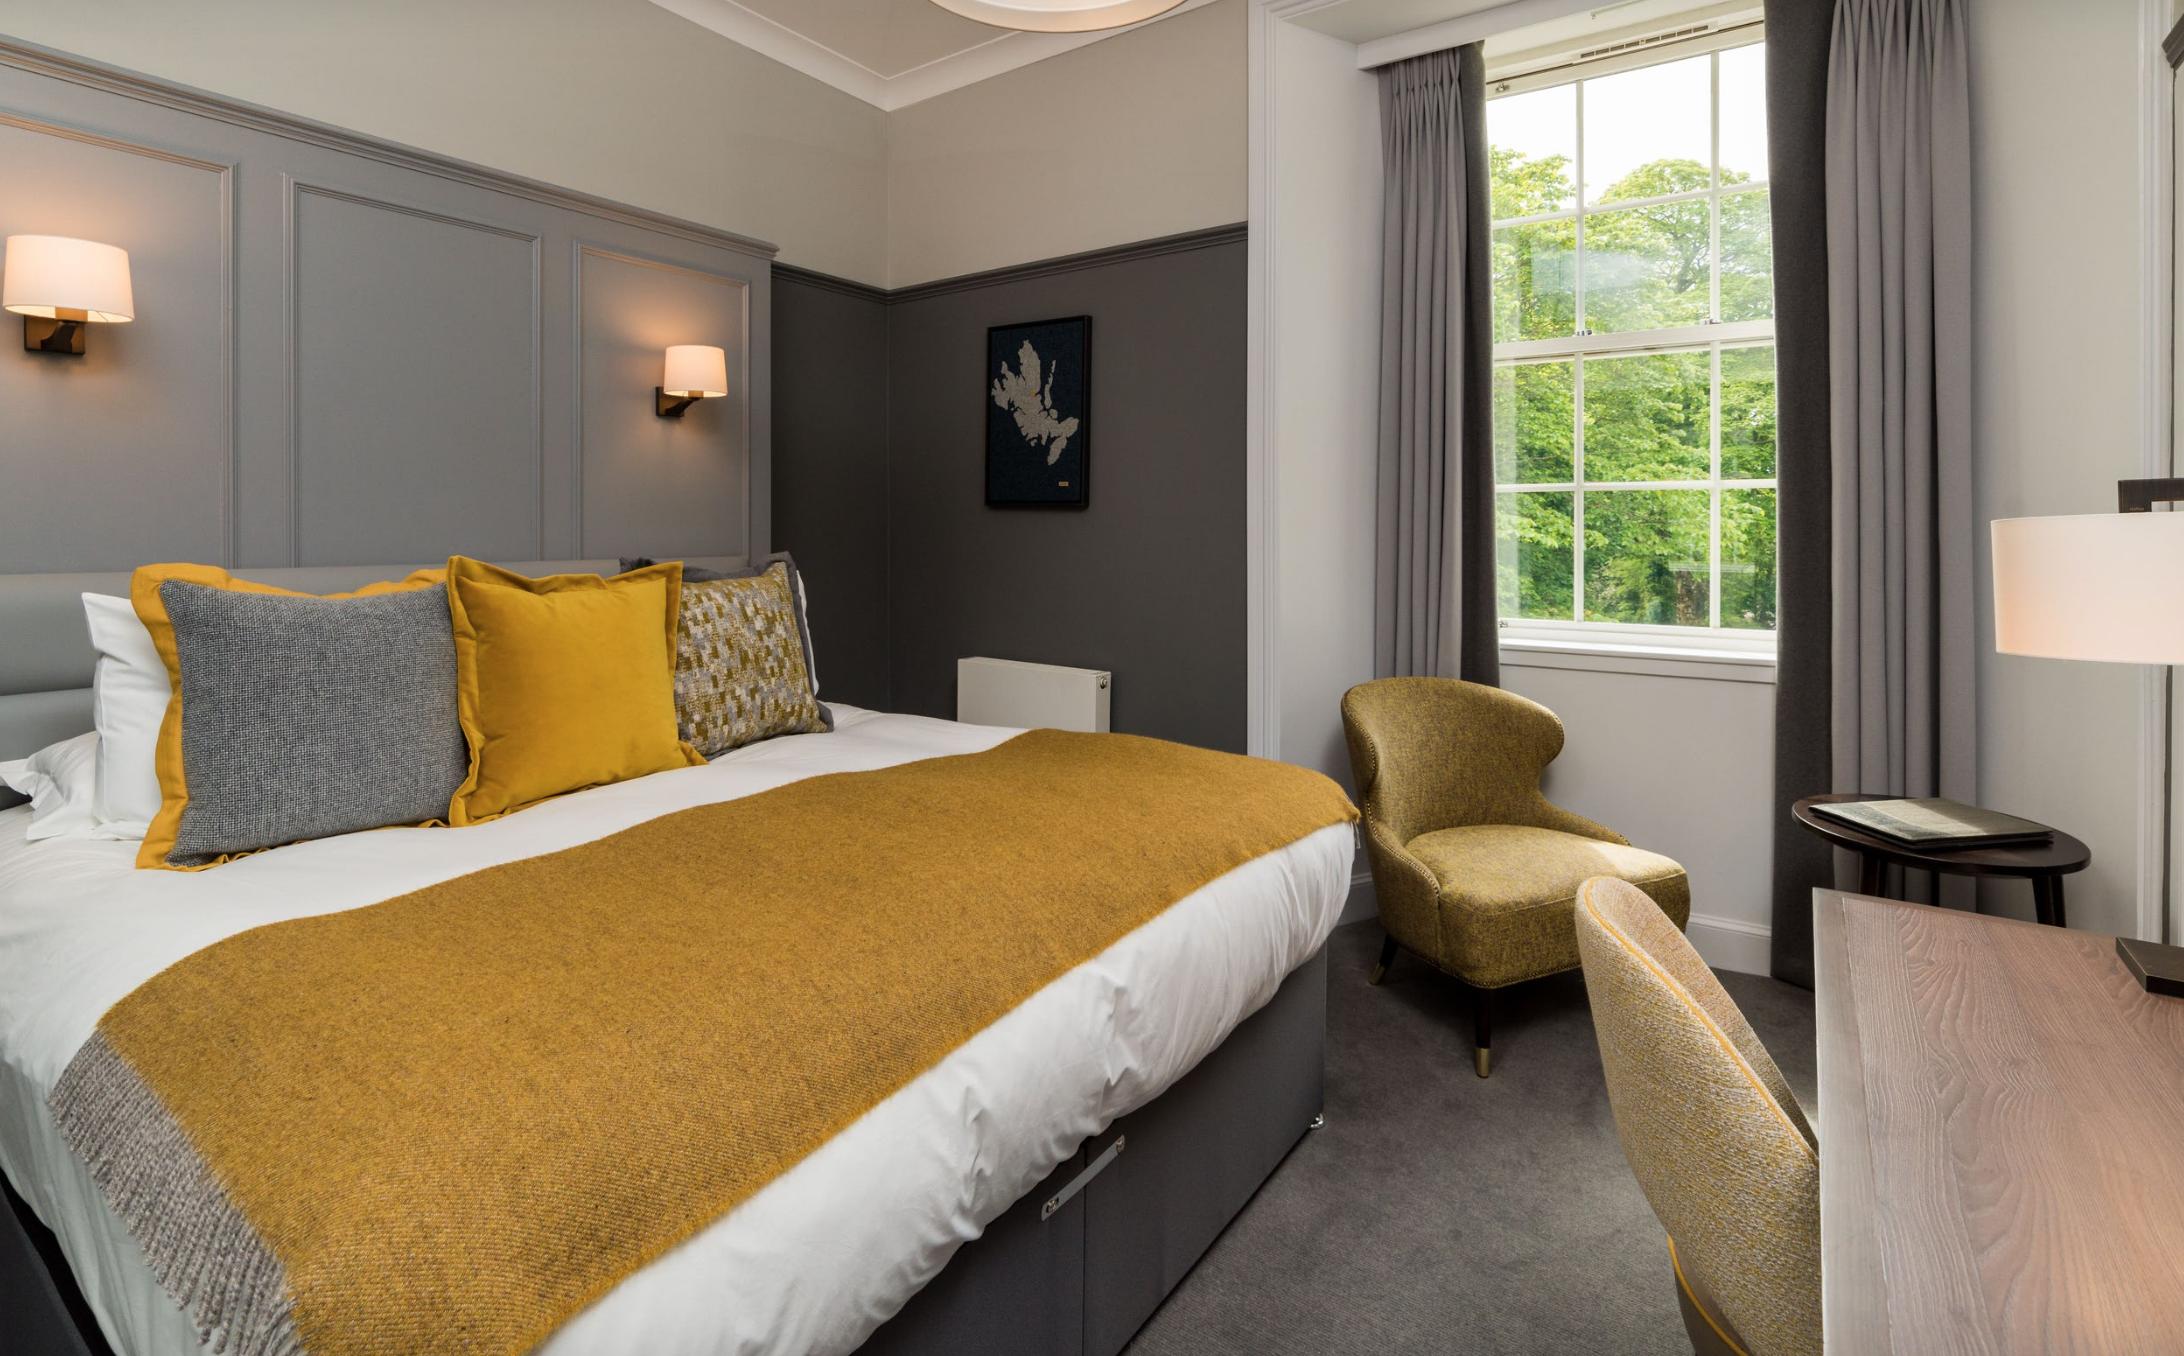 Marmalade Hotel Isle of Skye Textile Art.jpg